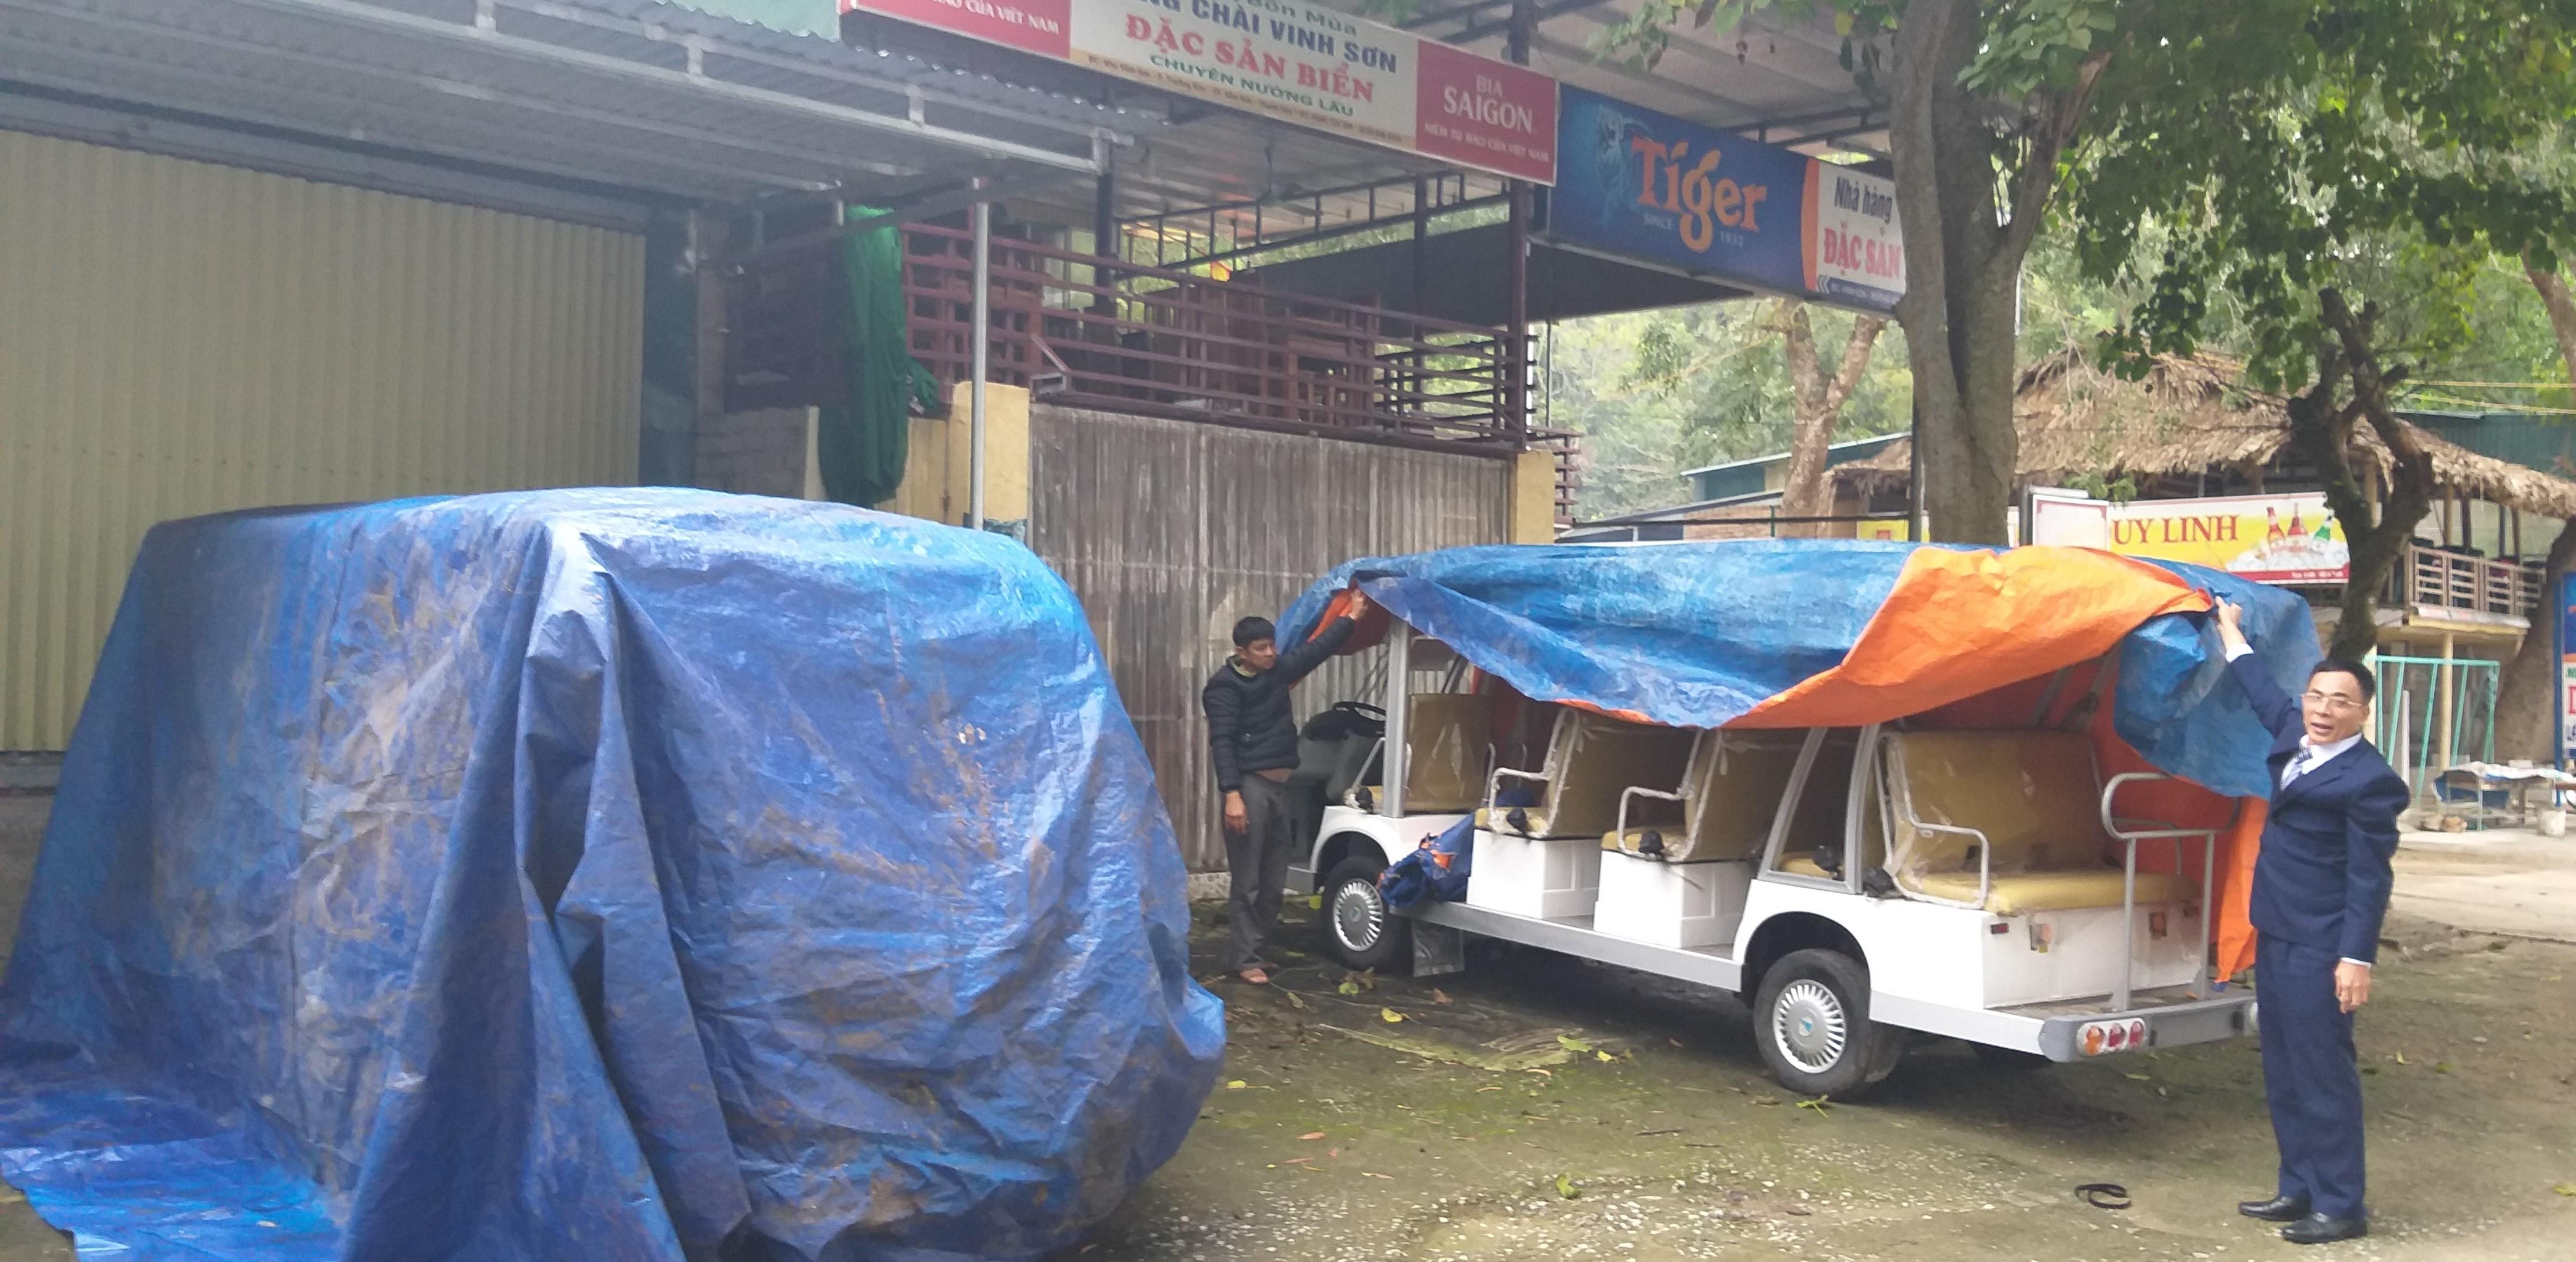 Vụ xe điện tiền tỷ đắp chiếu: Lãnh đạo thành phố Sầm Sơn... đừng sợ!